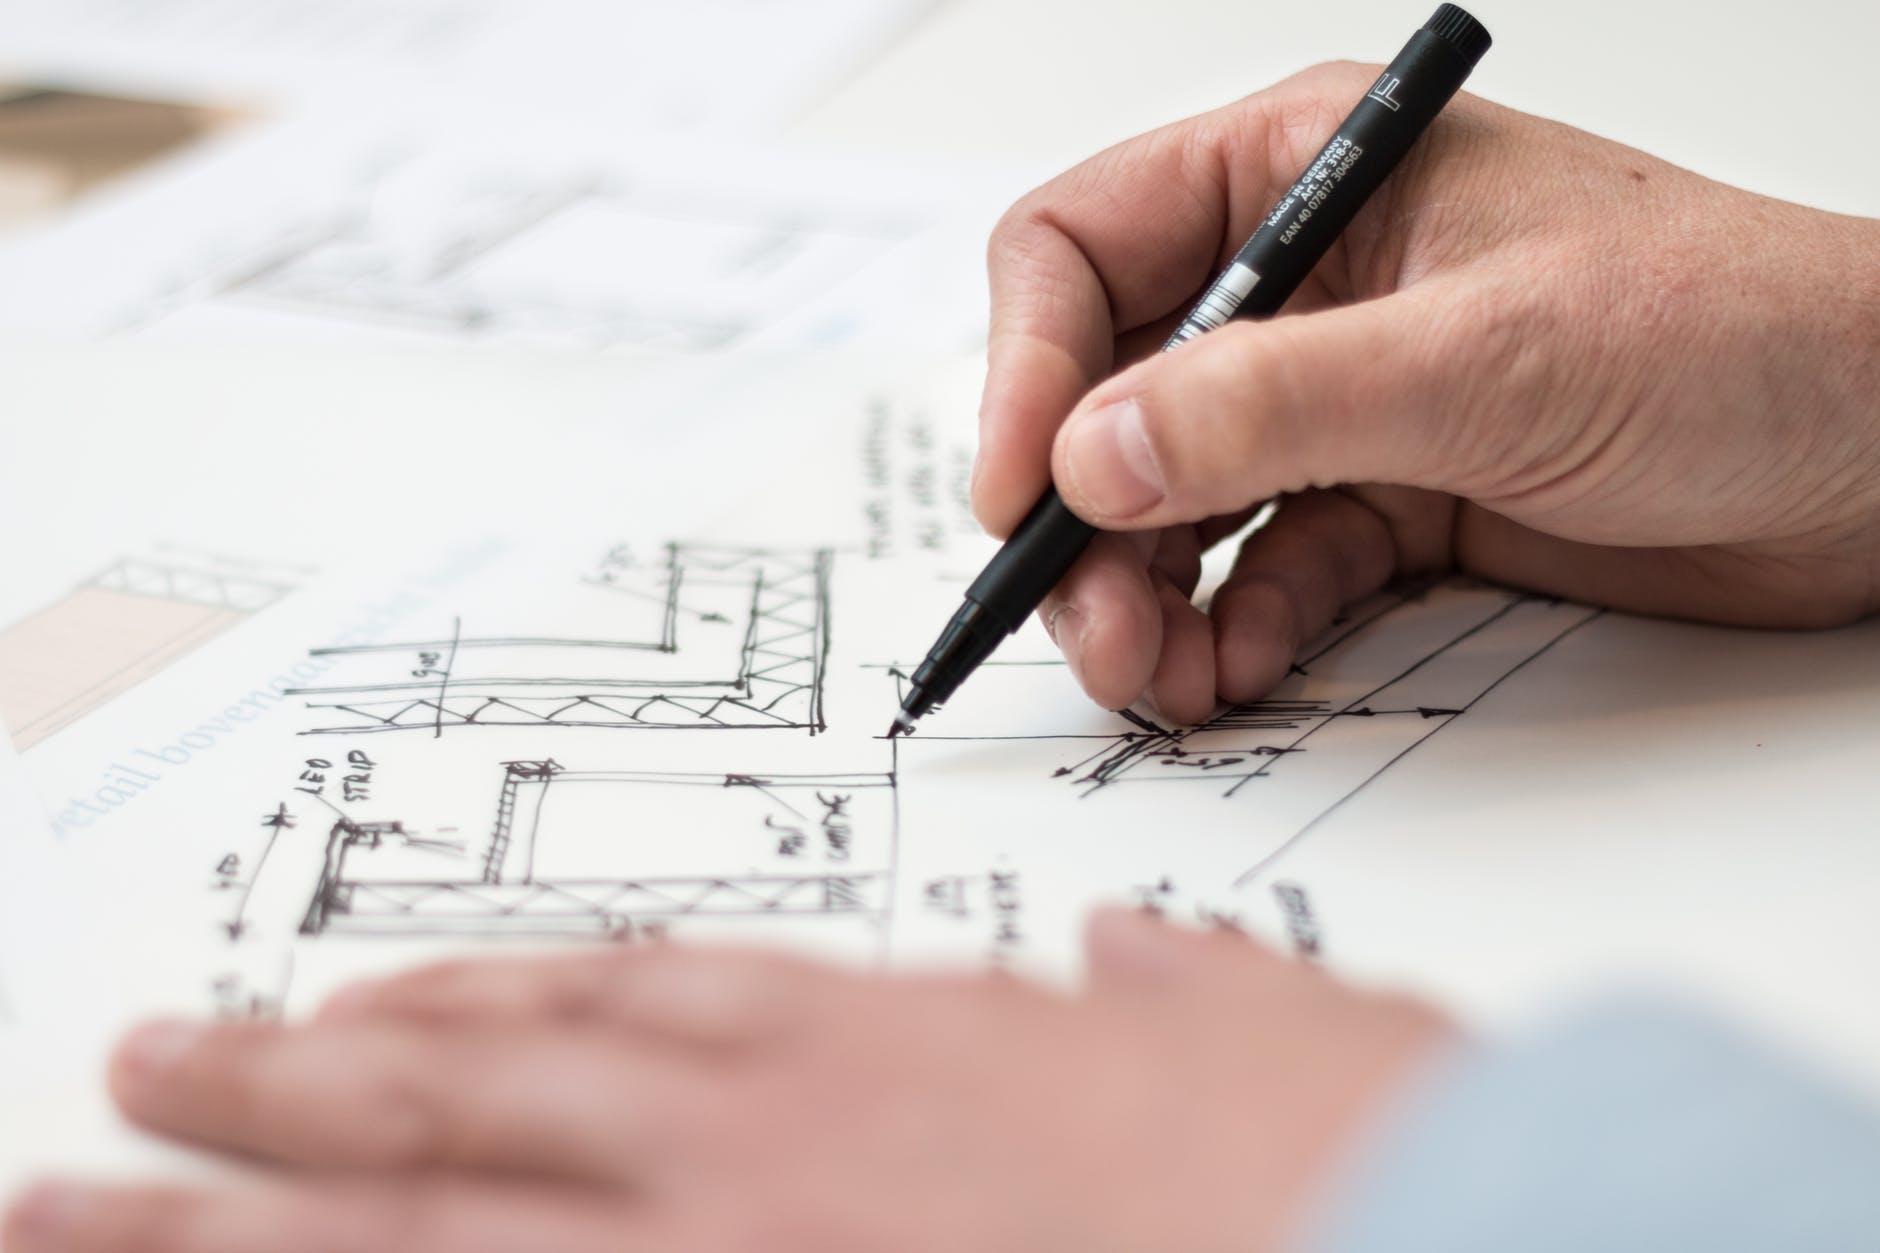 habilidades-necesarias-arquitectura-urse-1